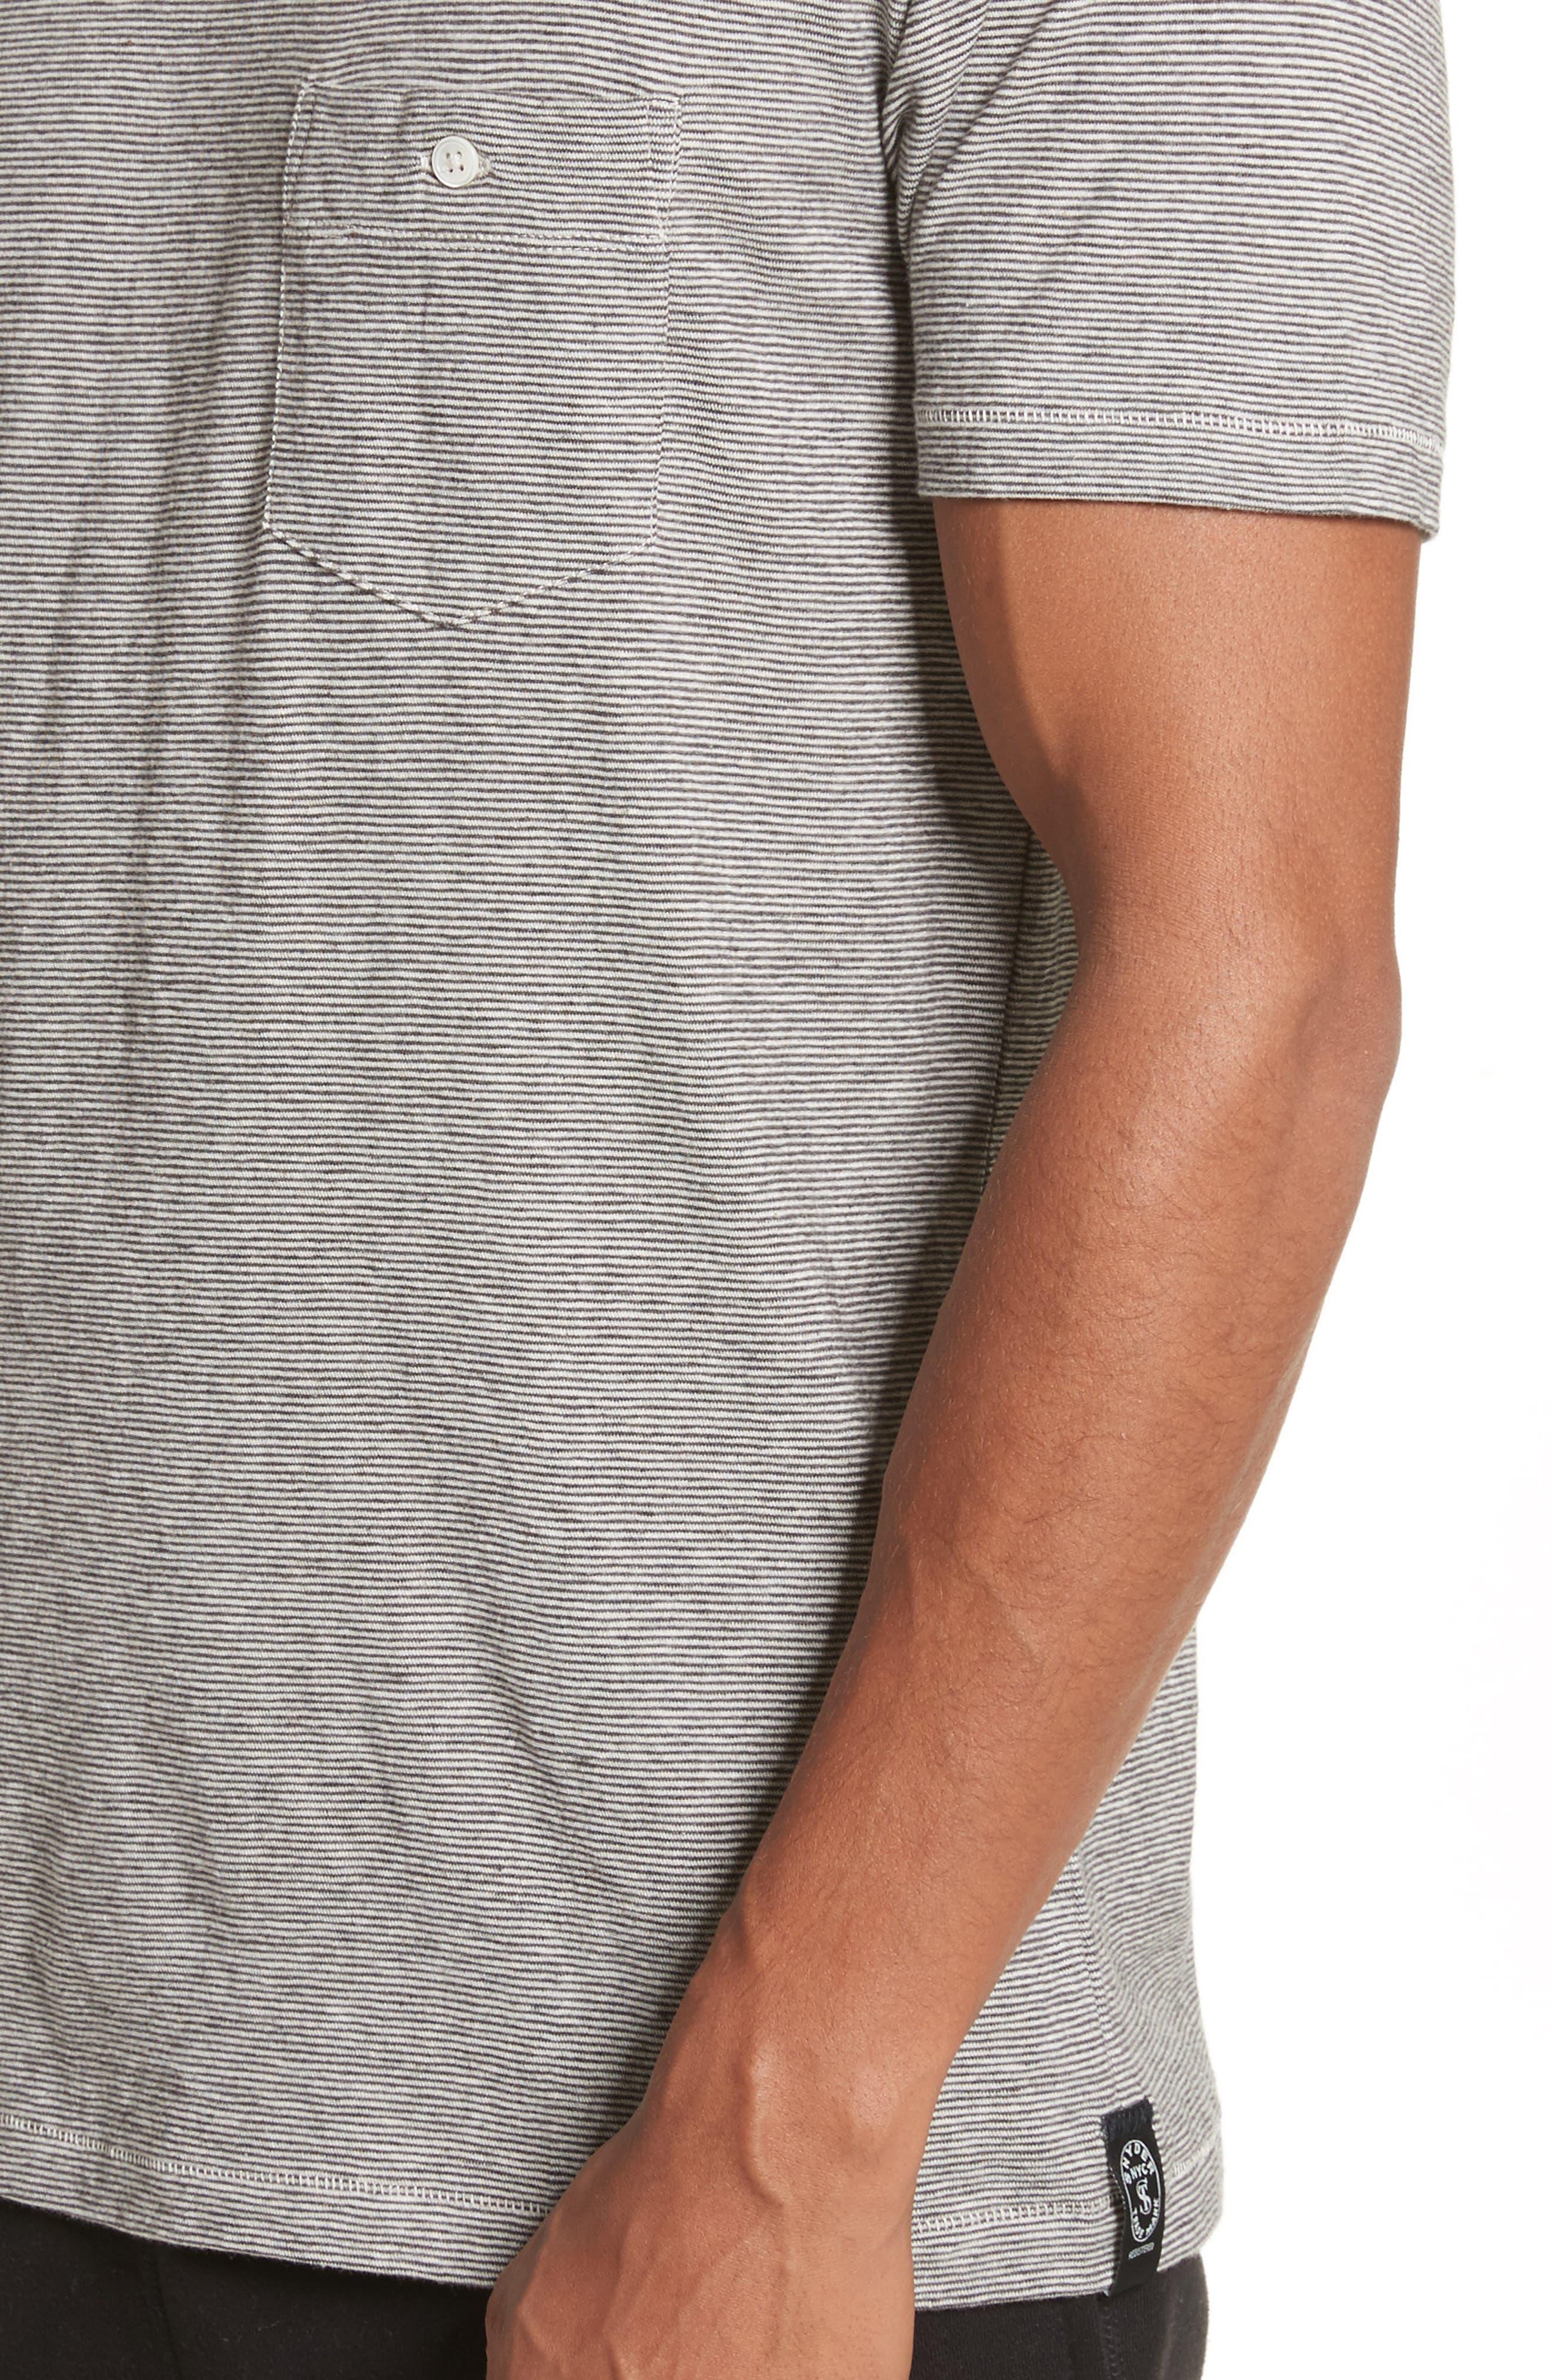 Microstripe Pocket T-Shirt,                             Alternate thumbnail 4, color,                             104